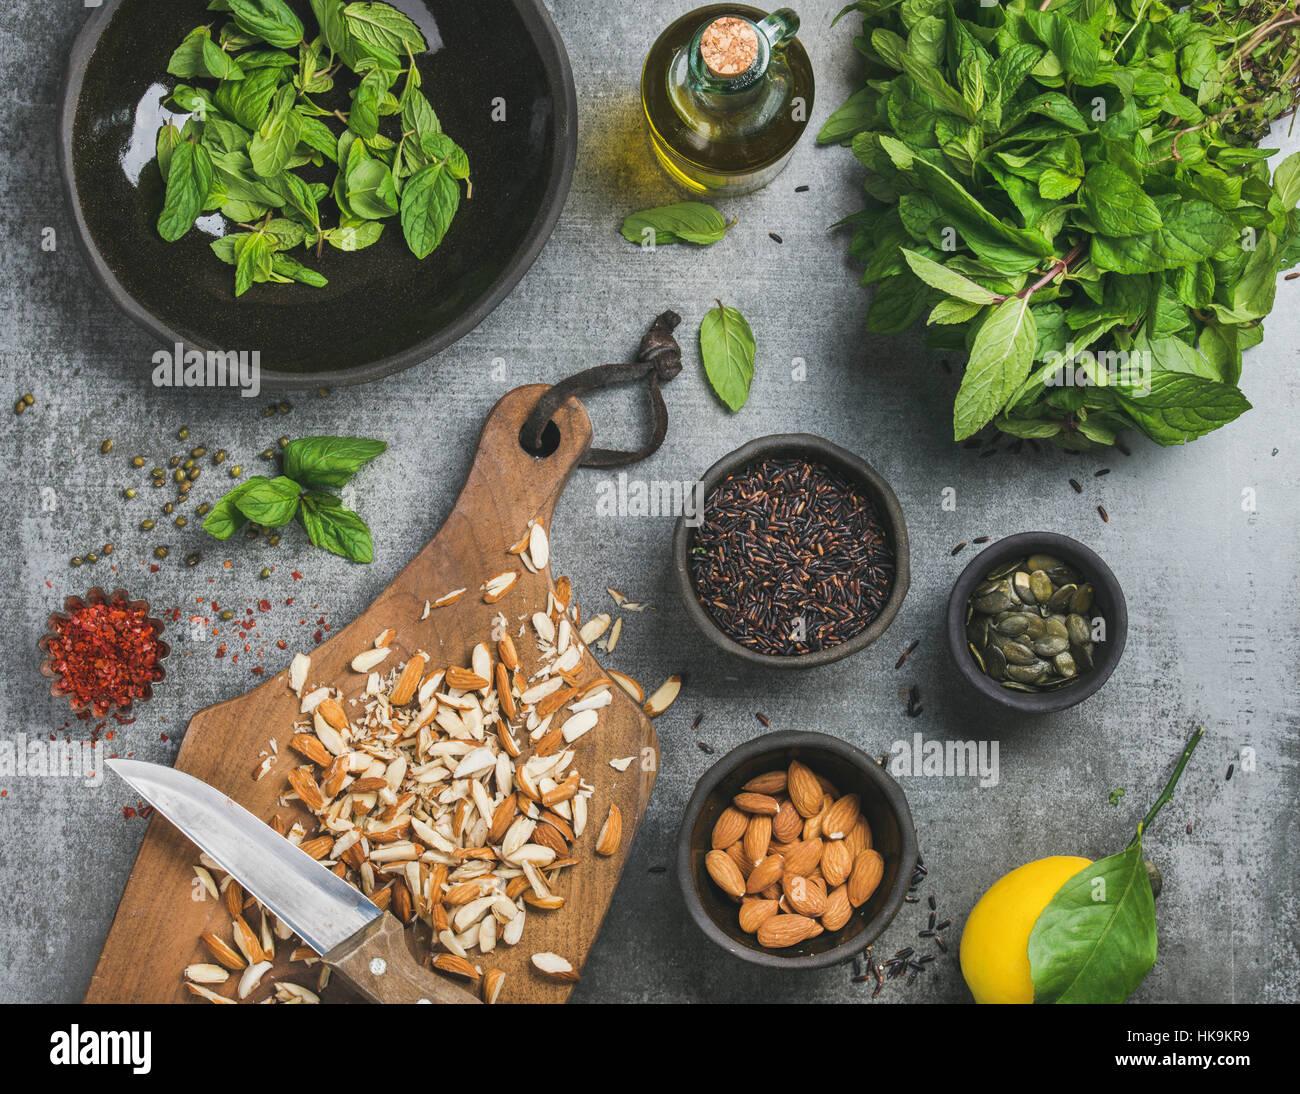 Un sano, vegetariane e vegane o pulire mangiare cottura Ingredienti. Mandorle tritate, menta fresca, olio, riso Immagini Stock